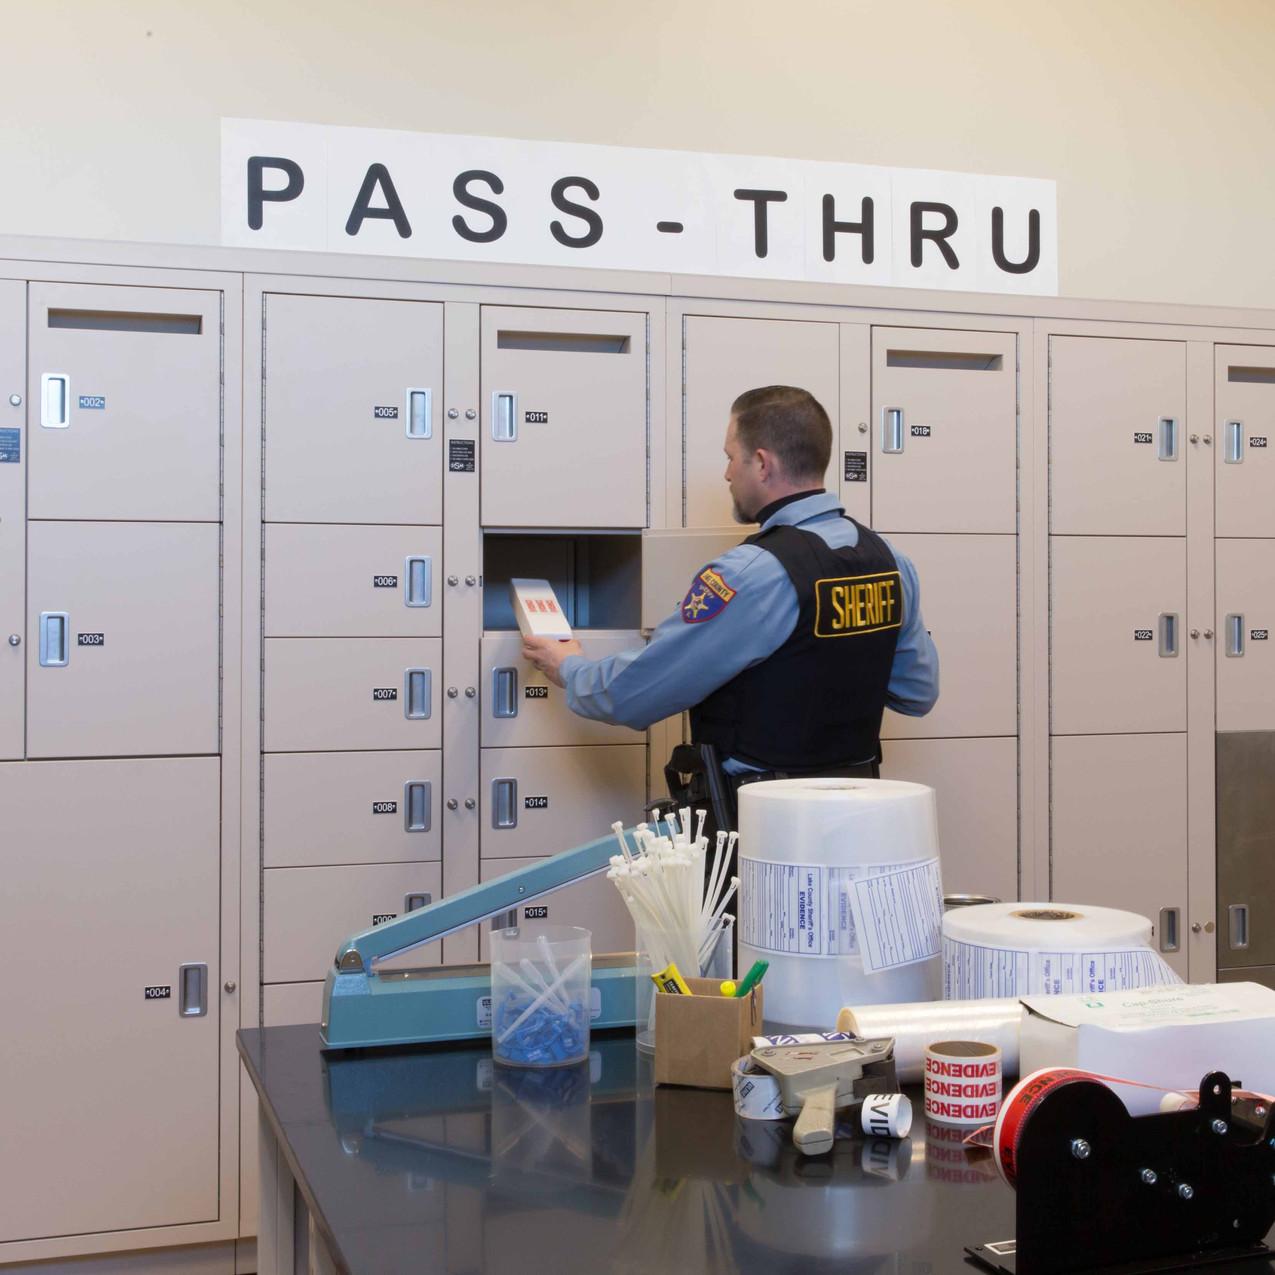 Pass through evidence lockers